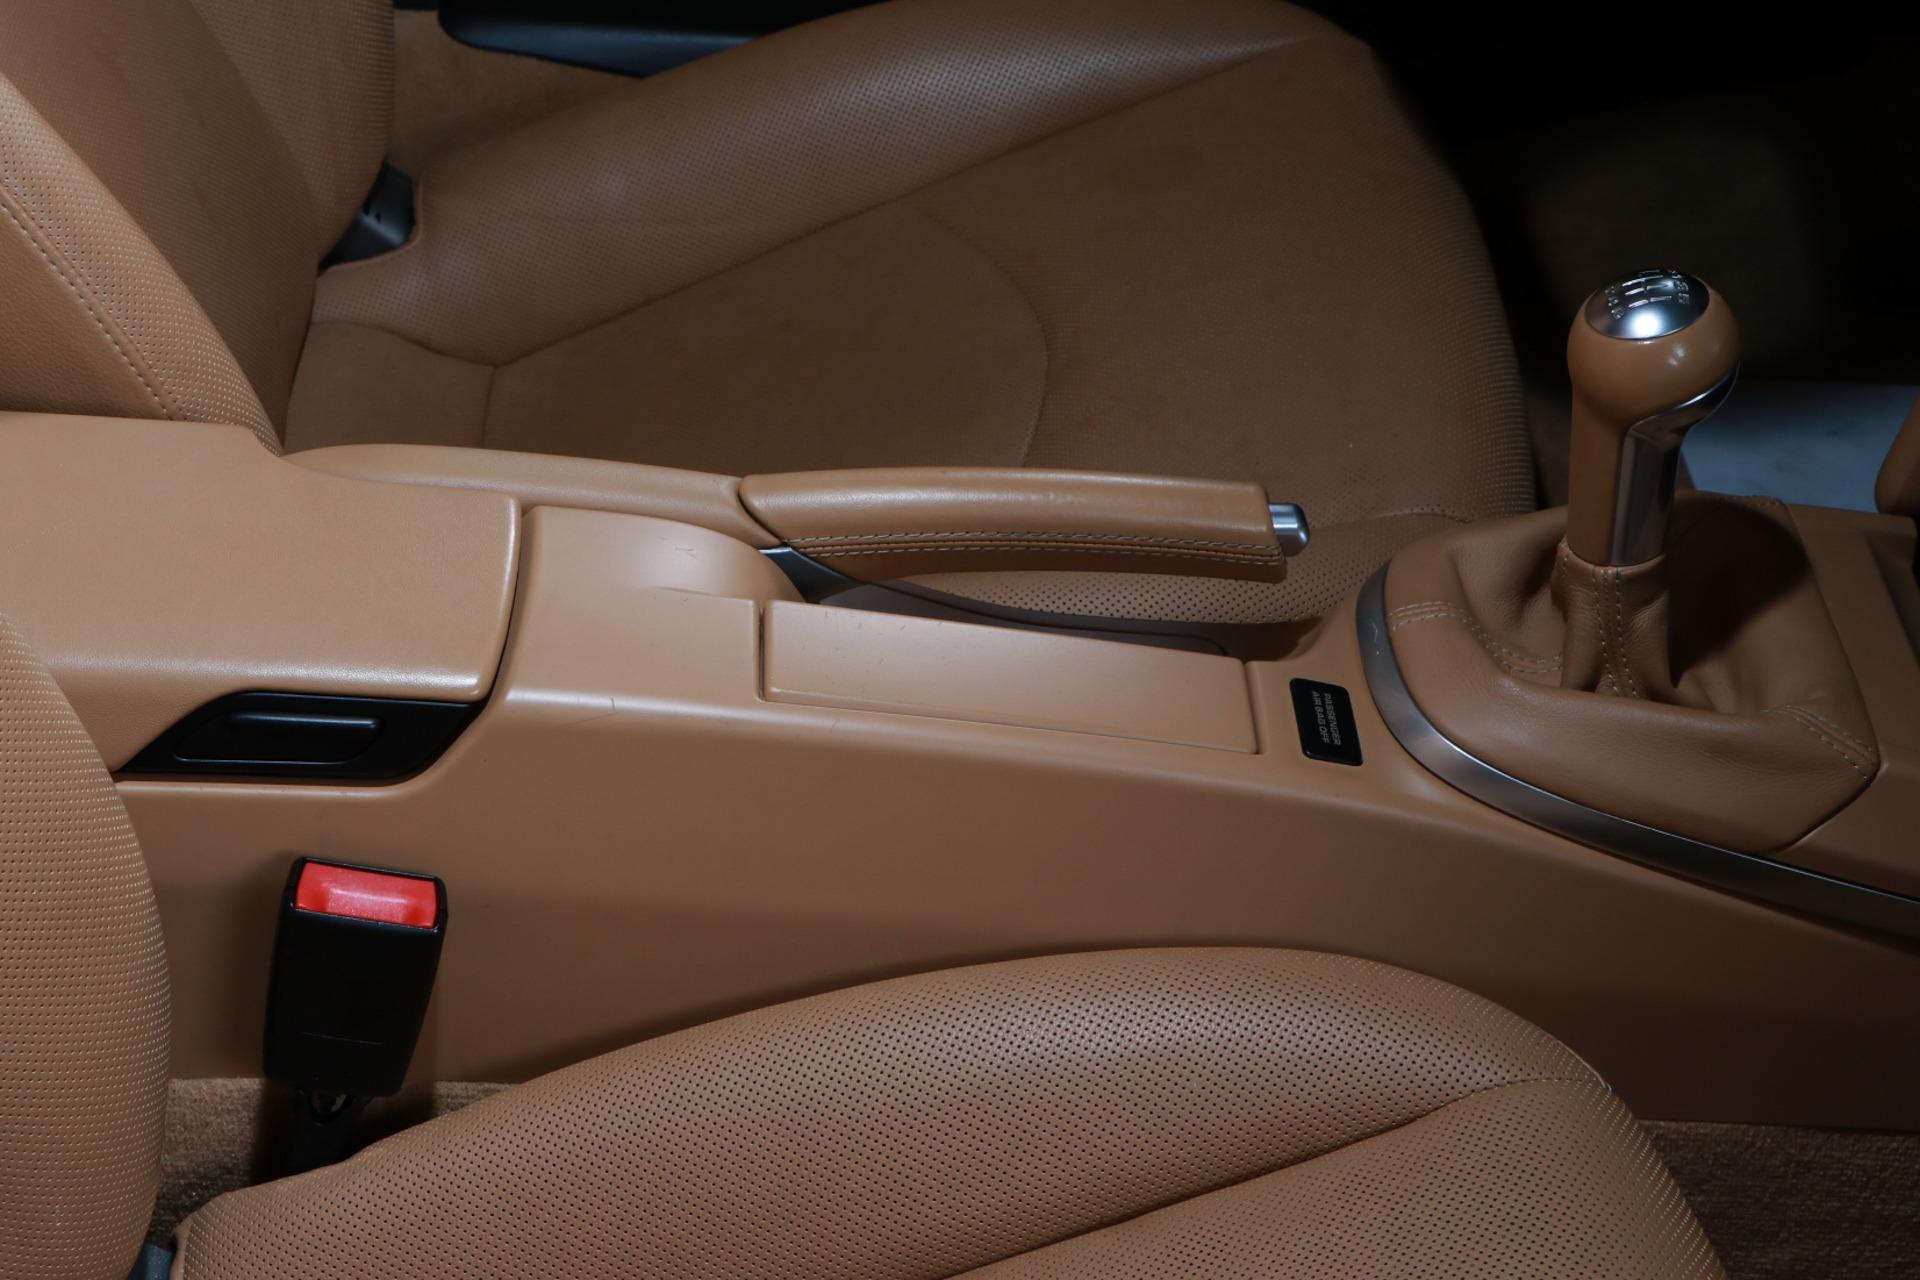 Used 2012 Porsche 911 Carrera S   Glen Cove, NY